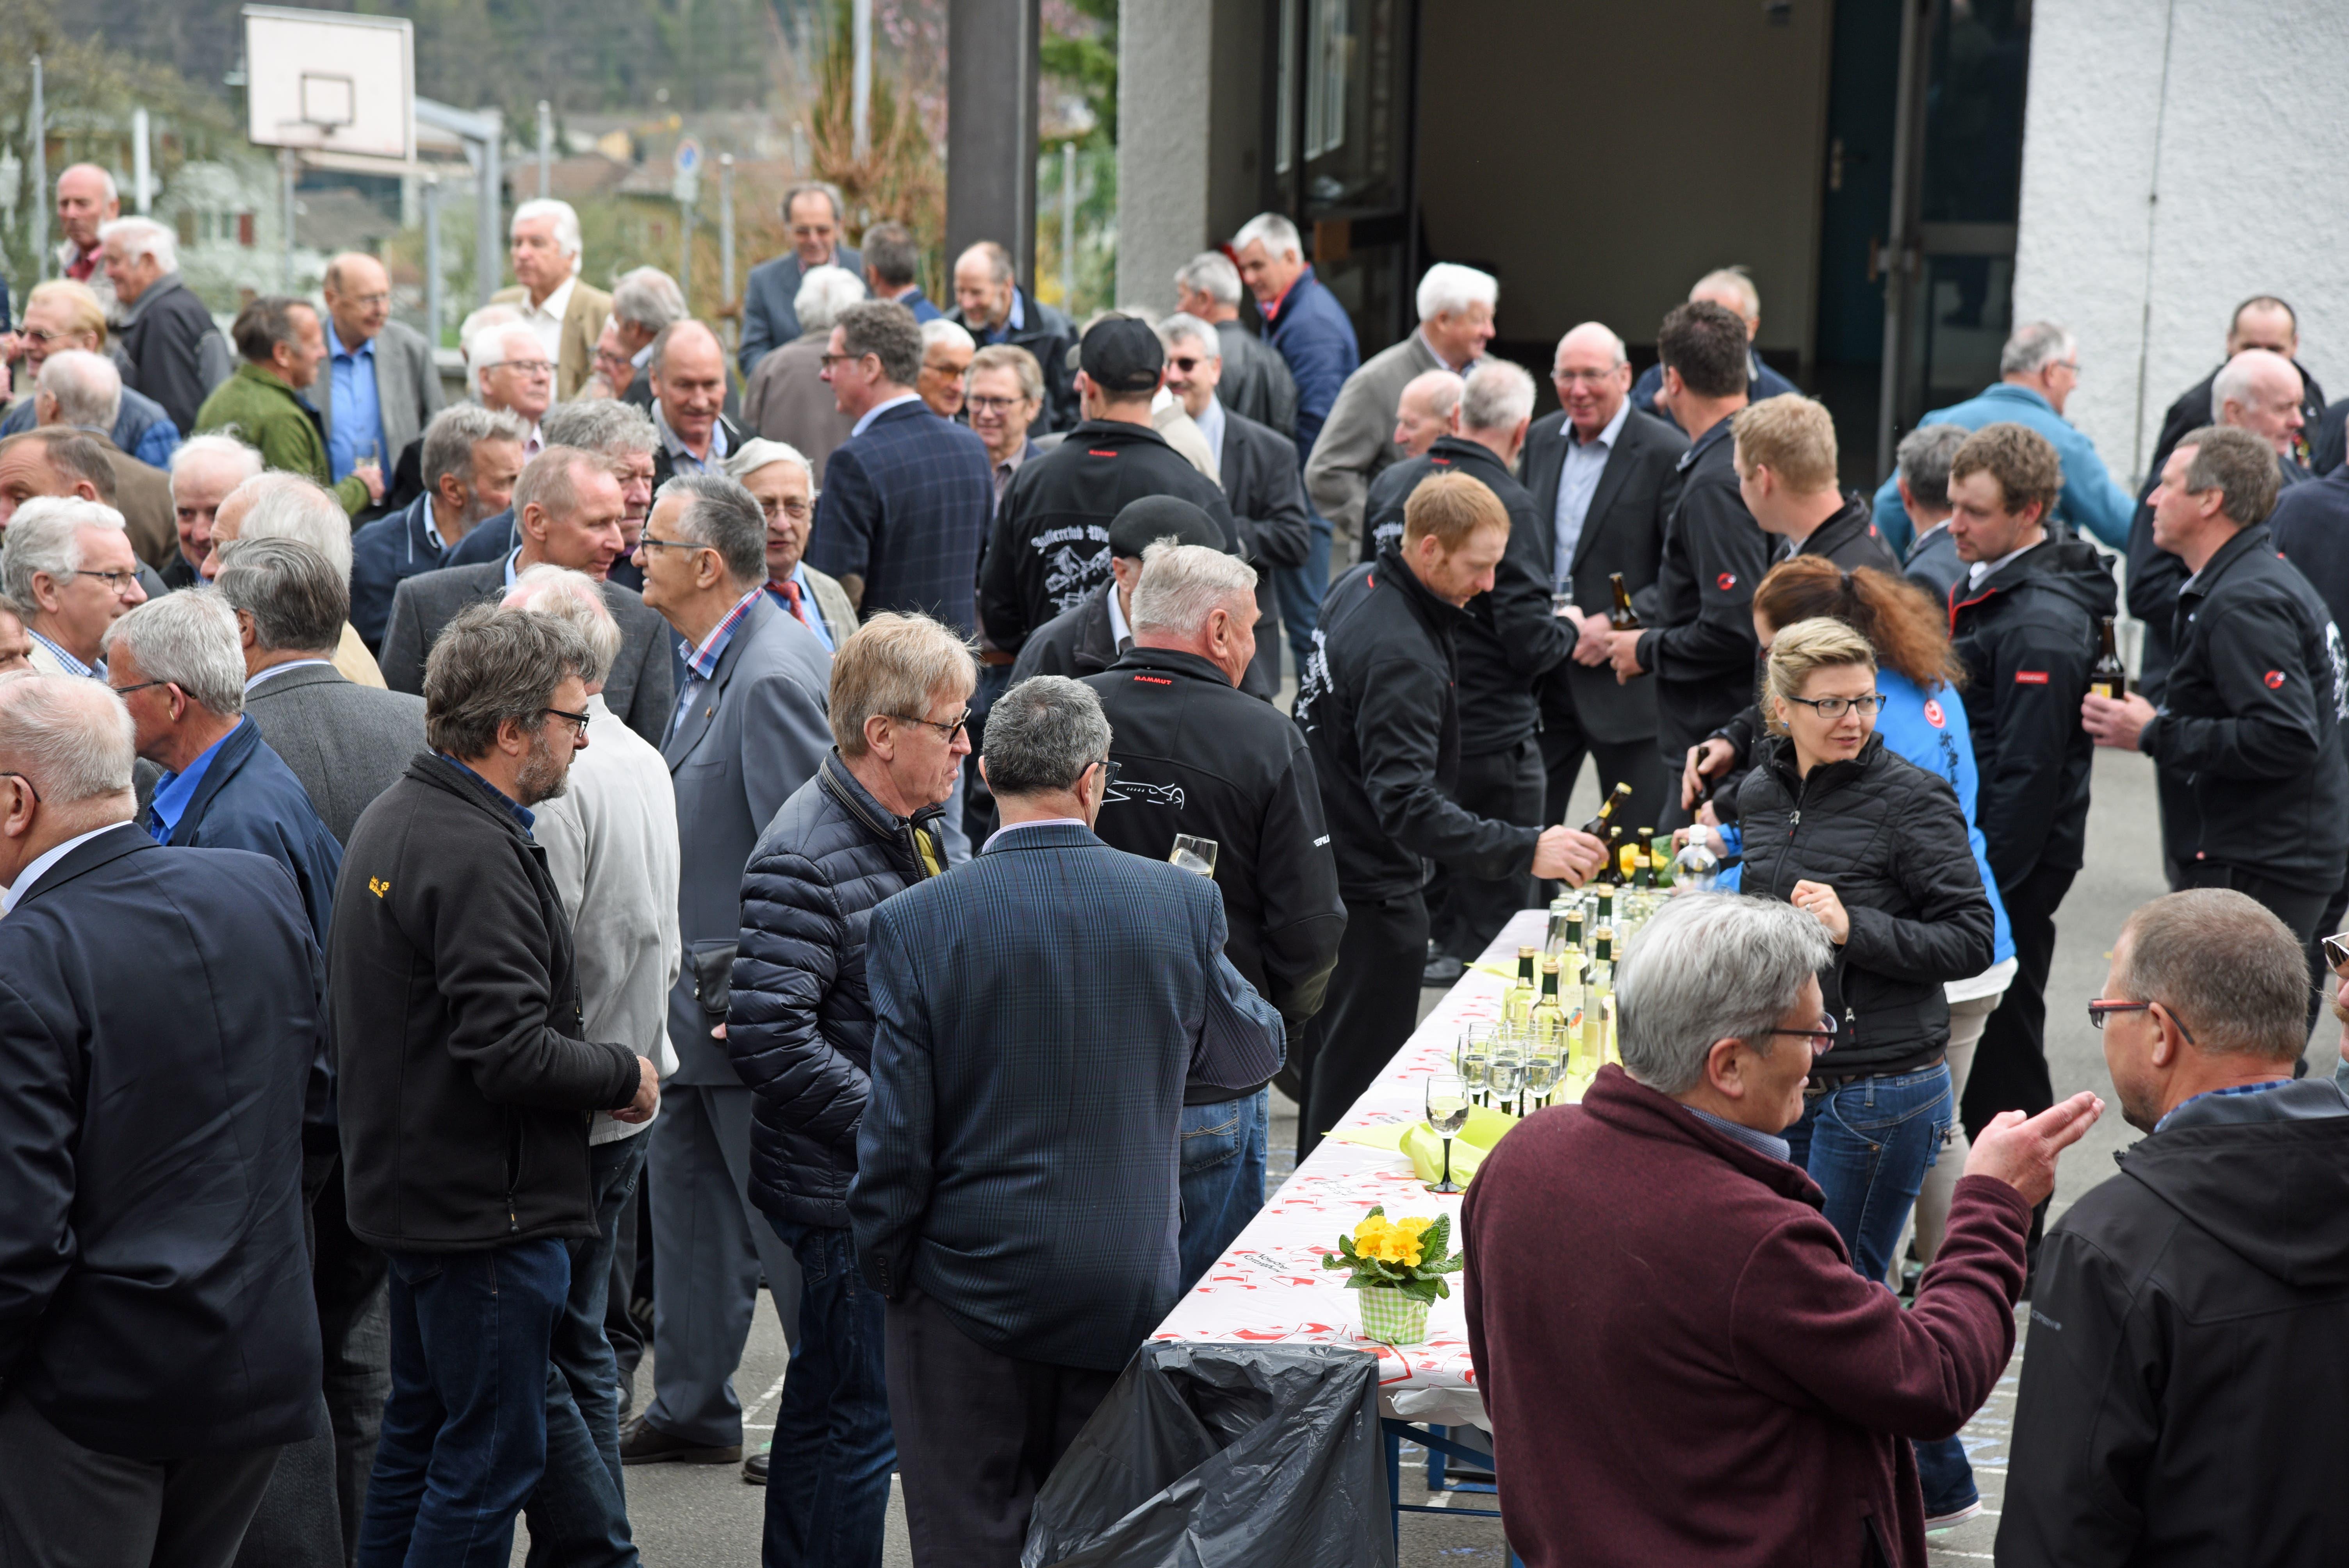 Ein Überblick: Rund 250 ehemalige Offiziere, Unteroffiziere und Soldaten sind zur 28. Tagung der Nidwaldner Militärvereinigung angetreten. (Bild: Robert Hess)